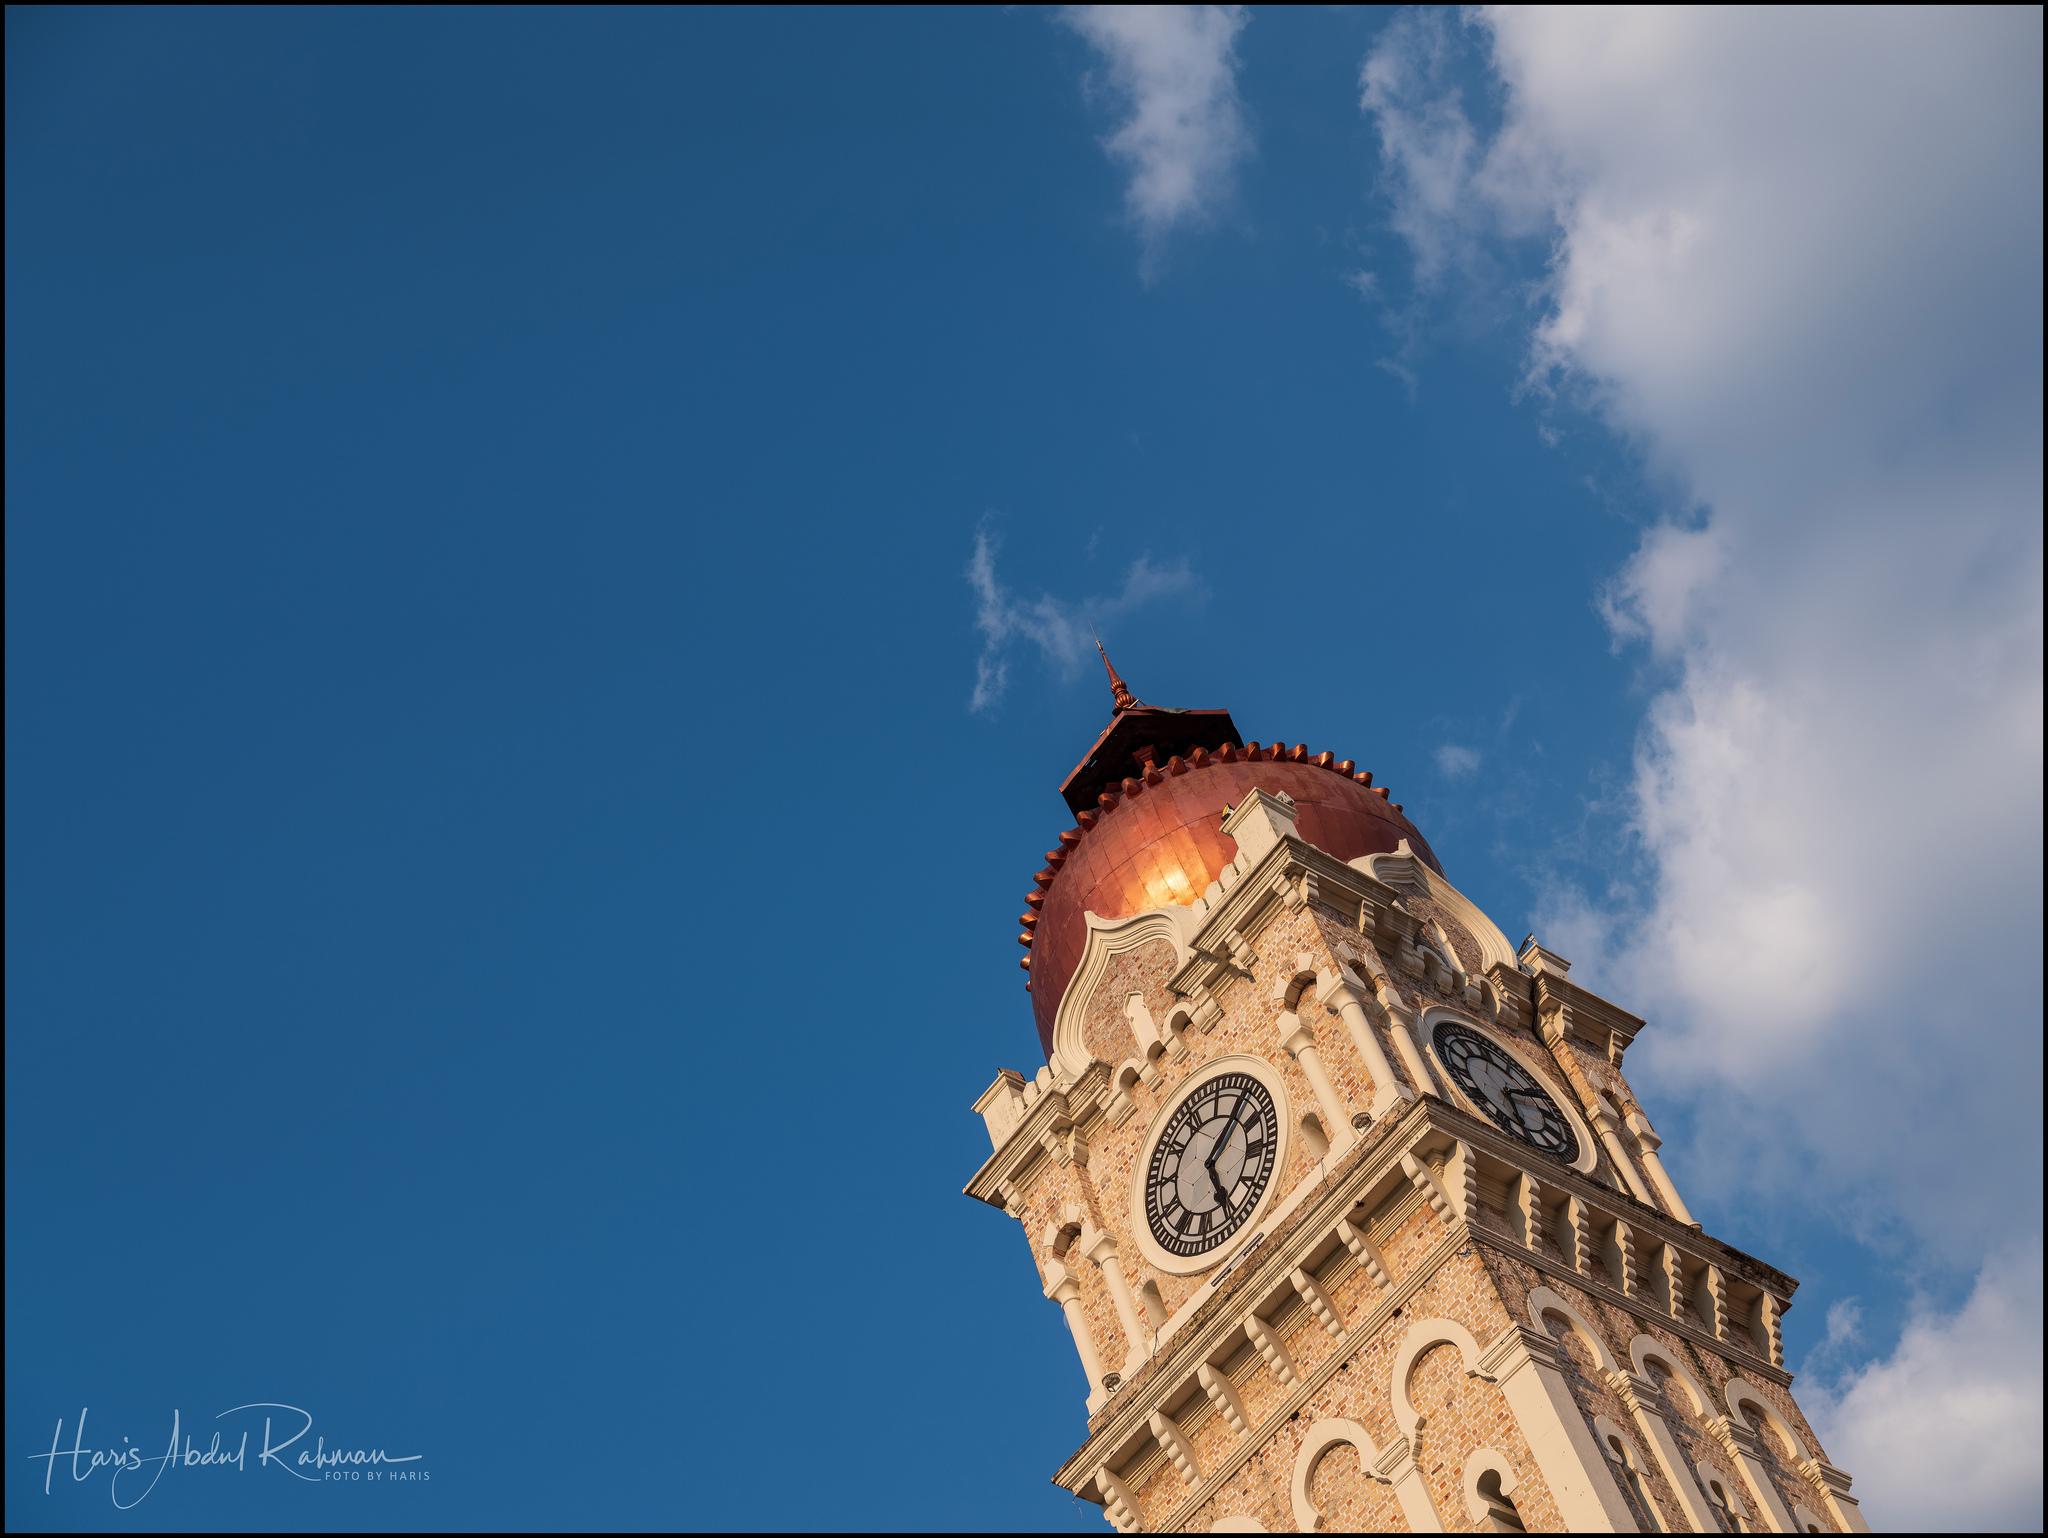 The famous clock tower at Bangunan Sultan Abdul Samad